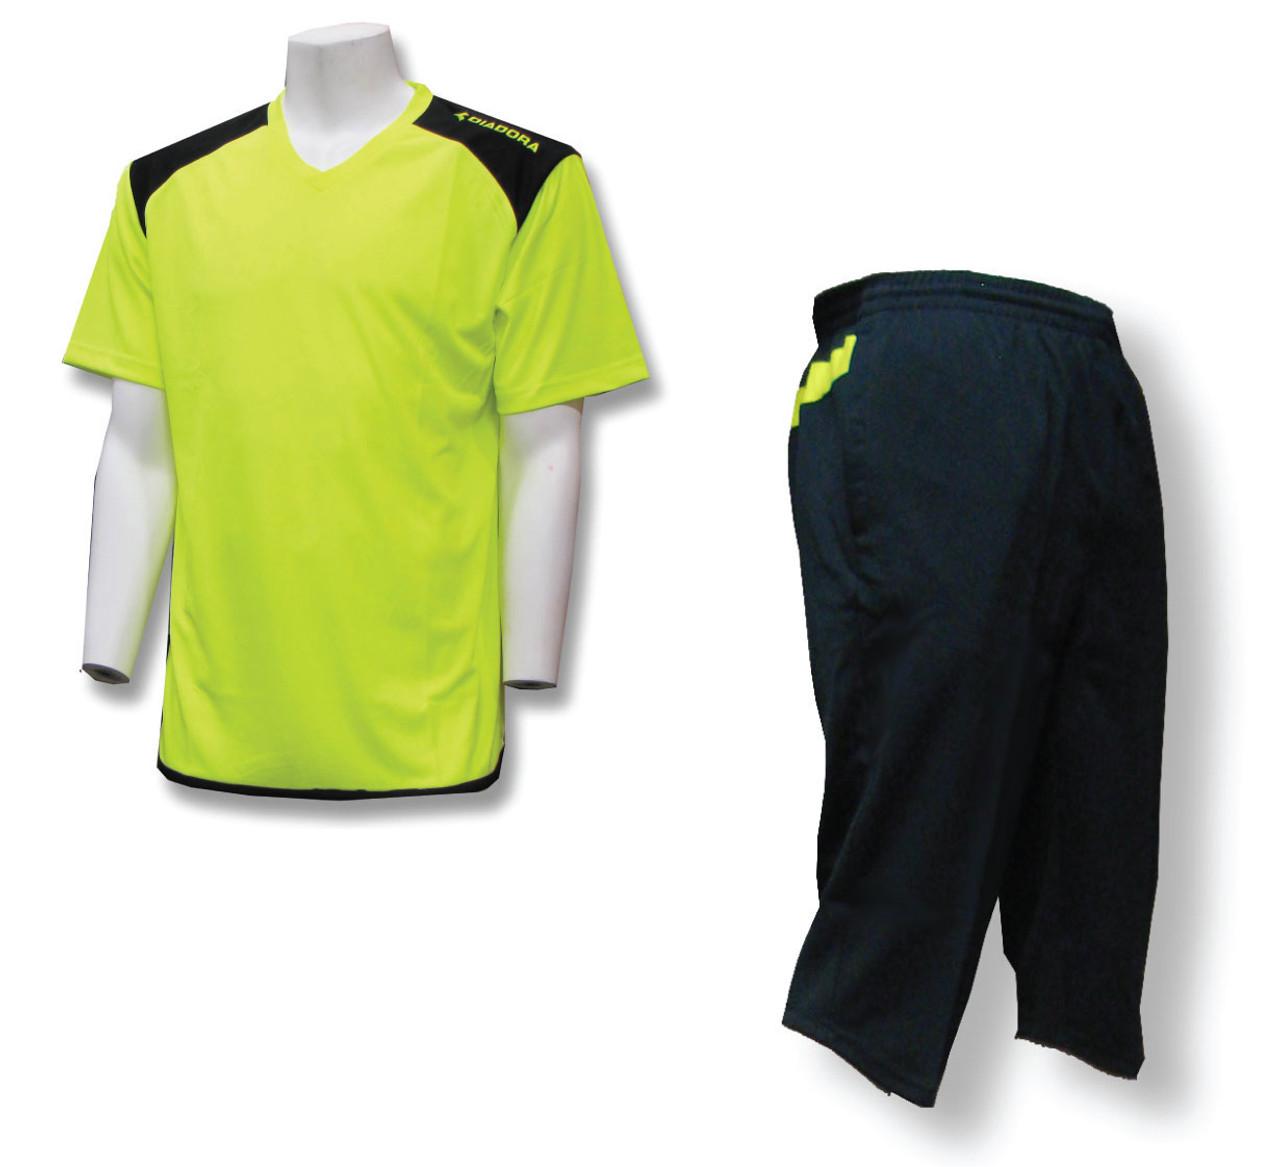 9d1ce3c8e Soccer Coach Apparel Set  Diadora Grinta jersey and 3 4-length training  pants